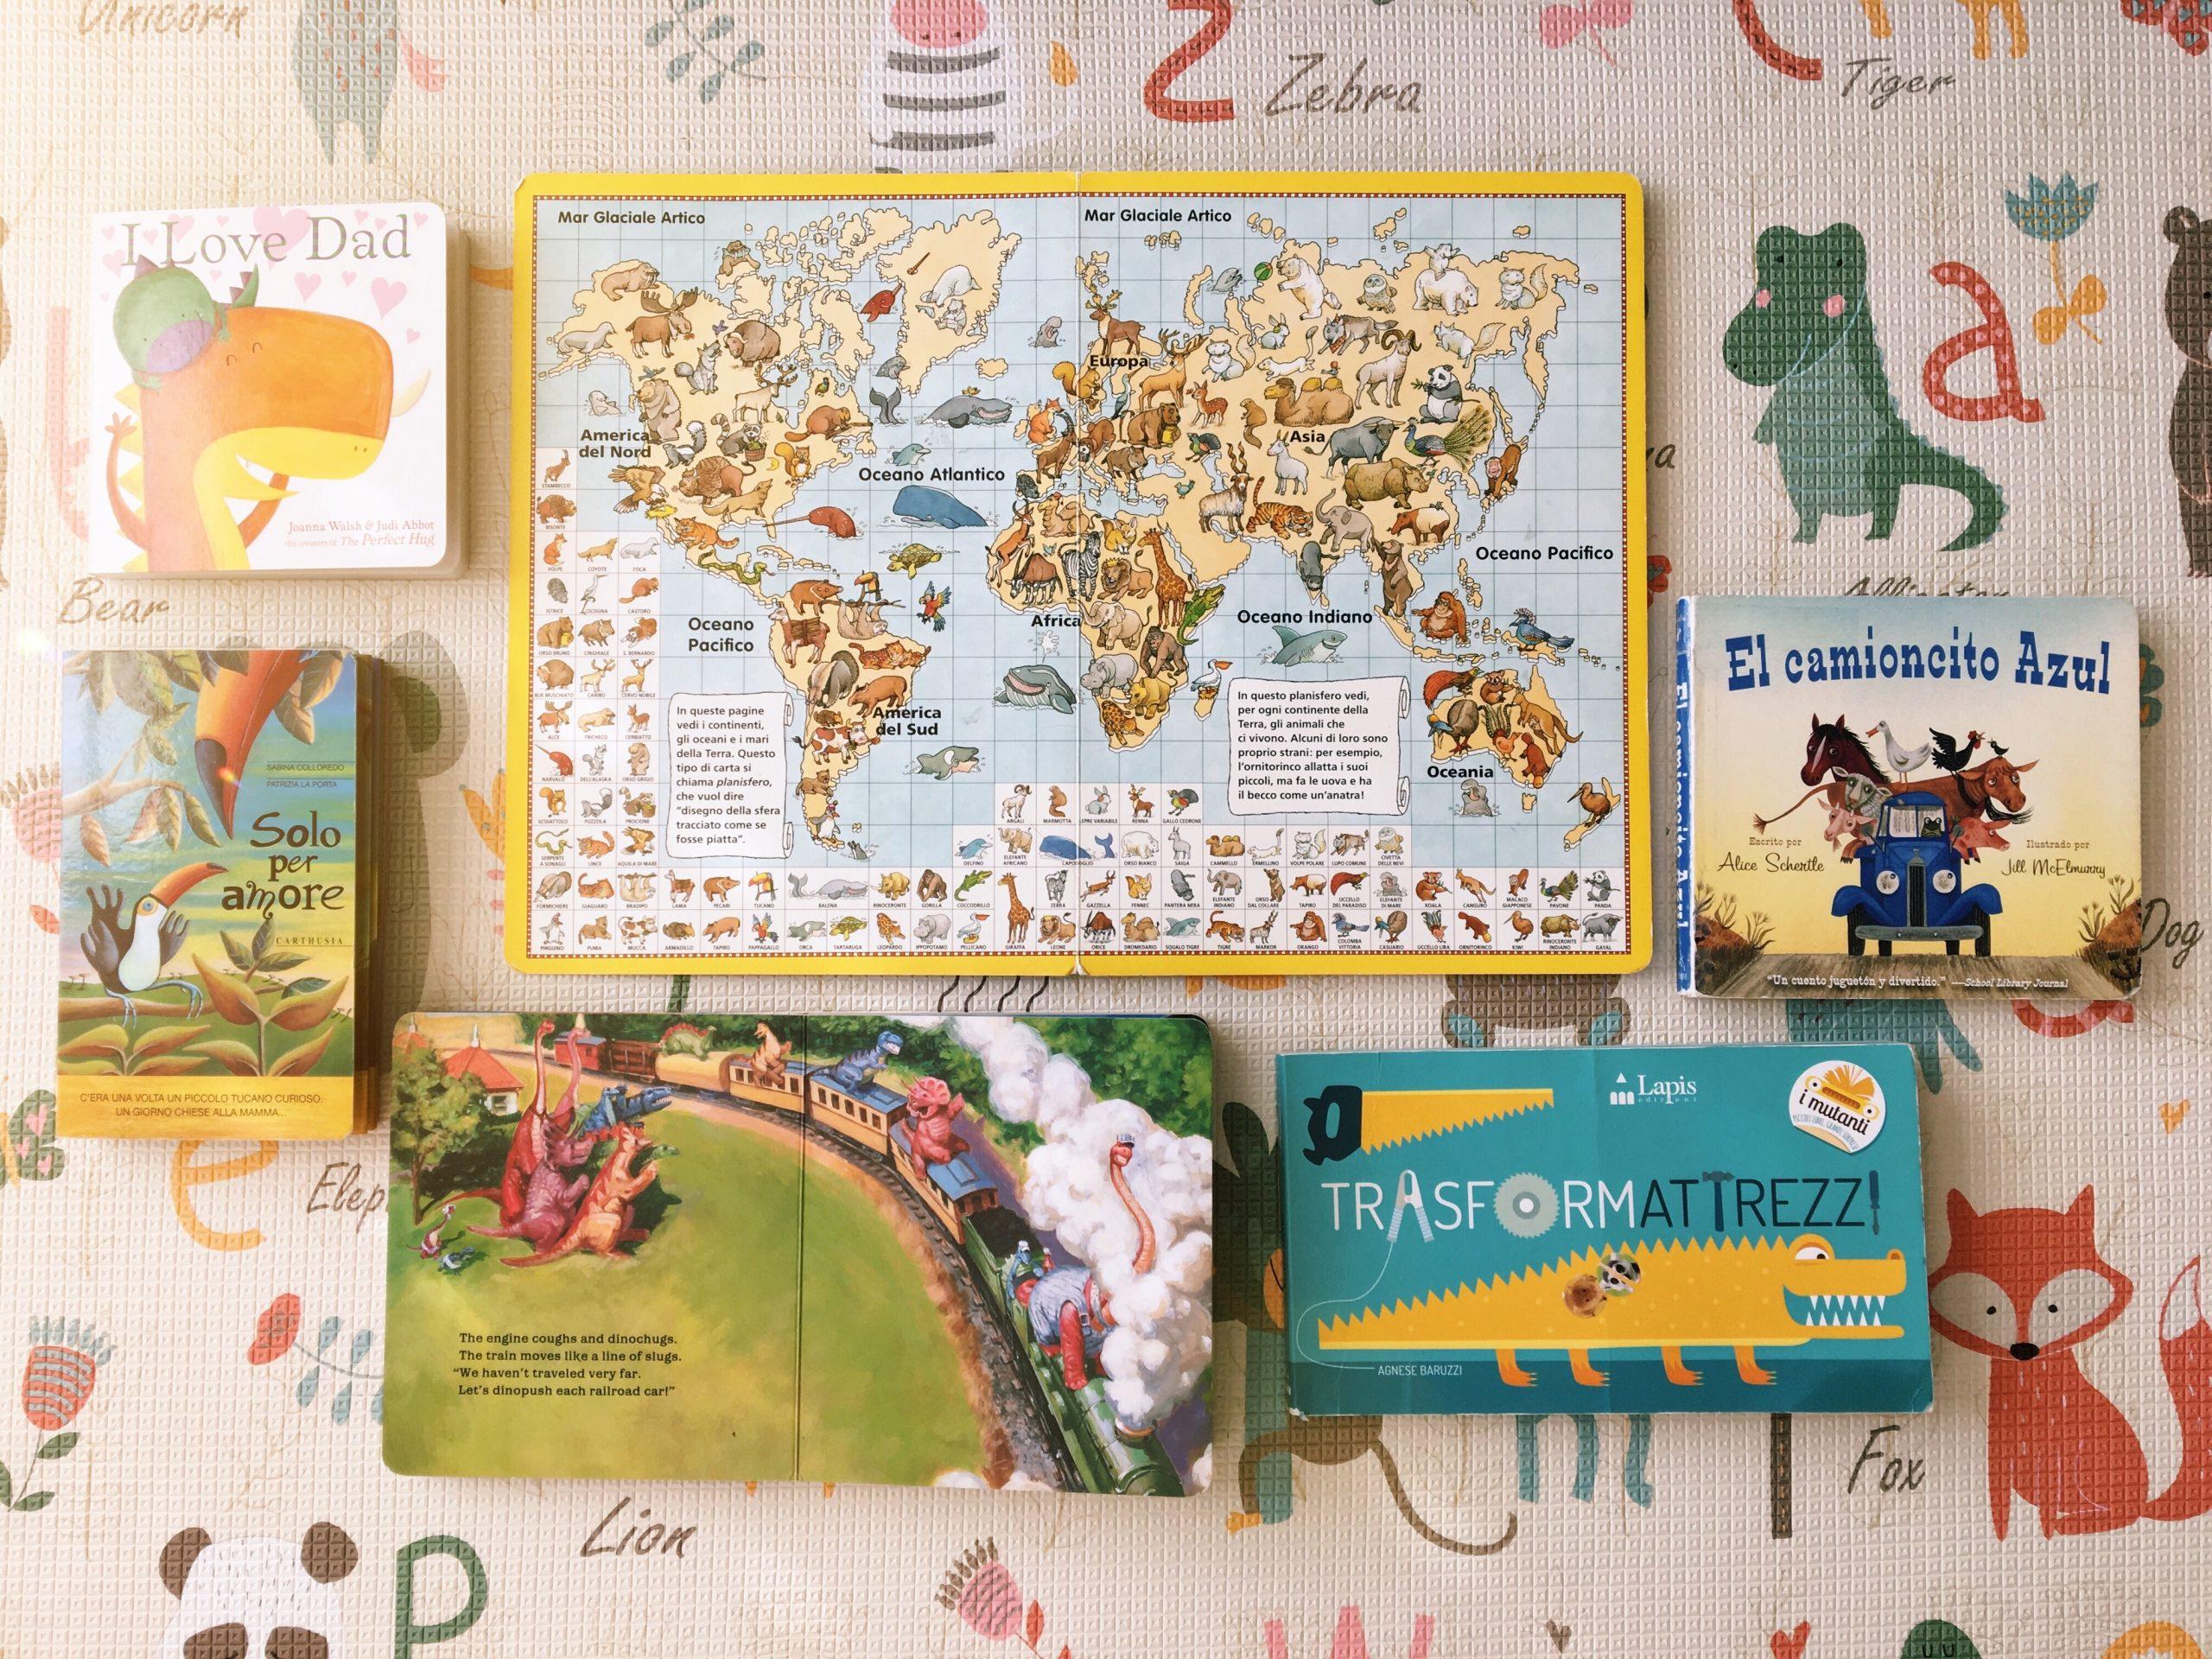 Crescere una bambina trilingue - Dispacci da San Francisco - Viachesiva.jpg